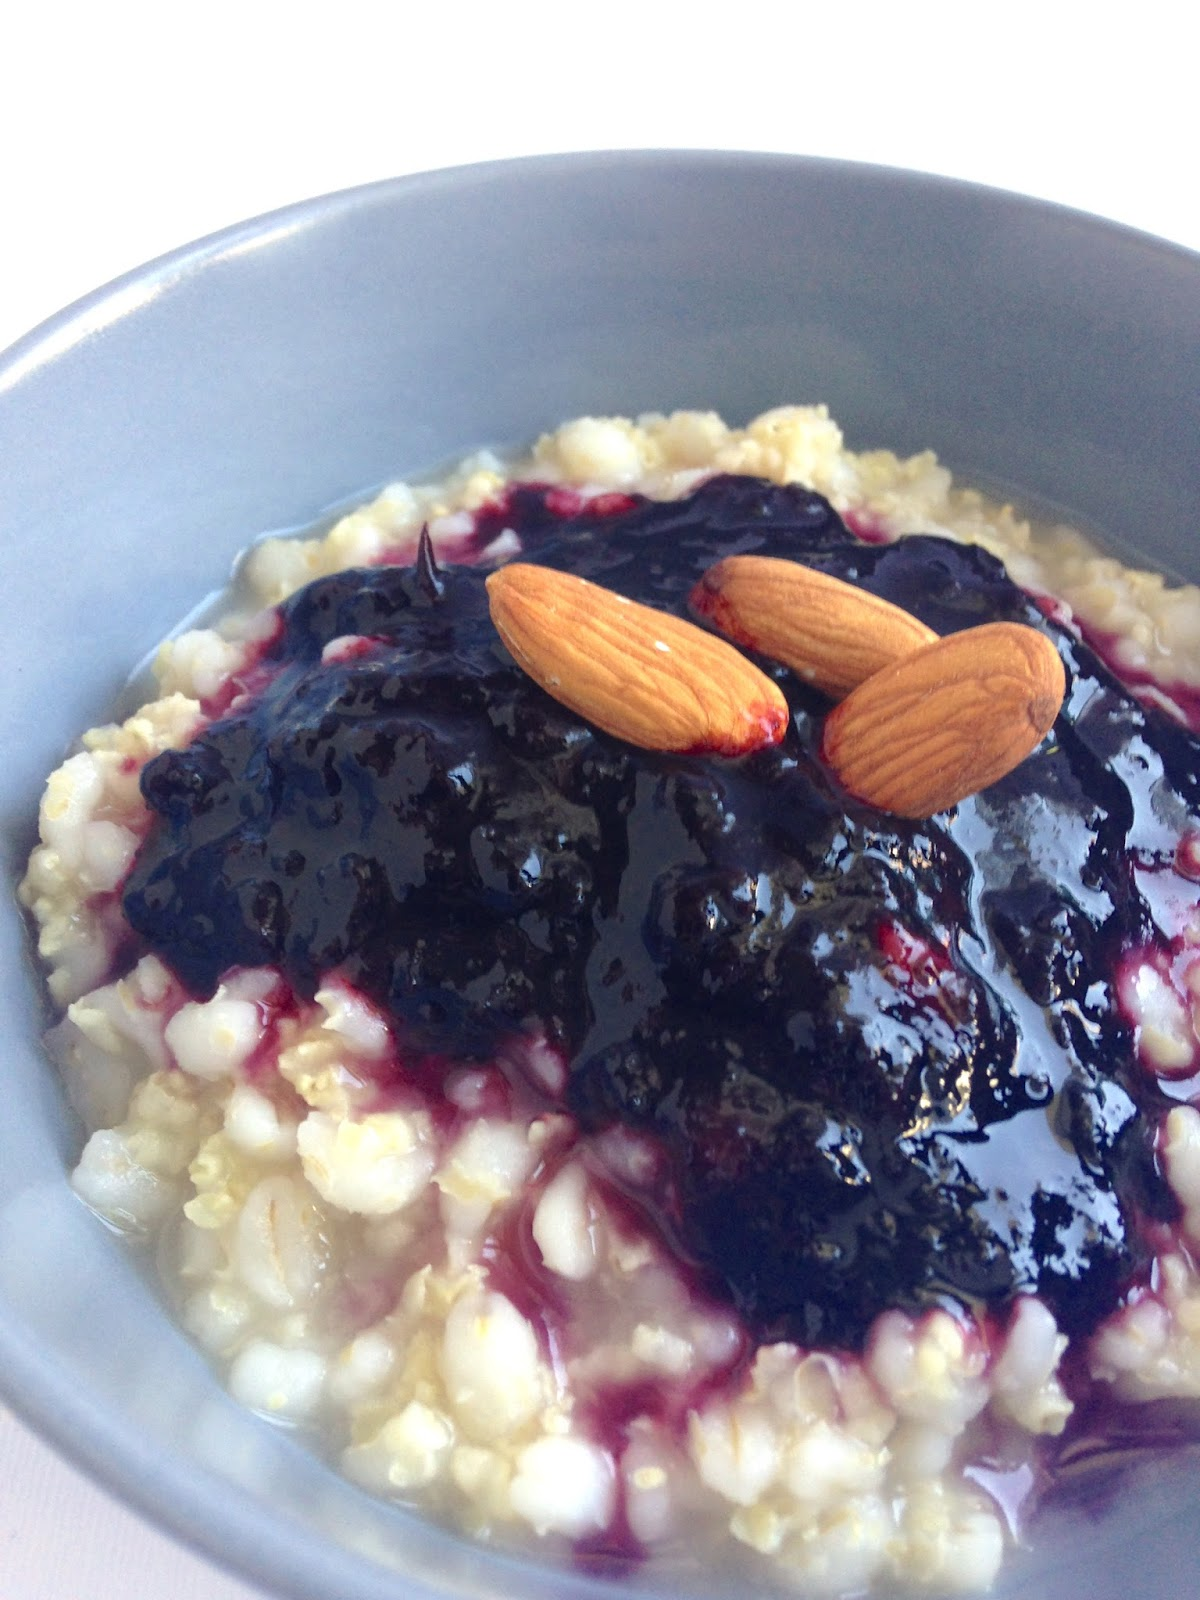 dieta macrobiotica - crema di cereali a colazione